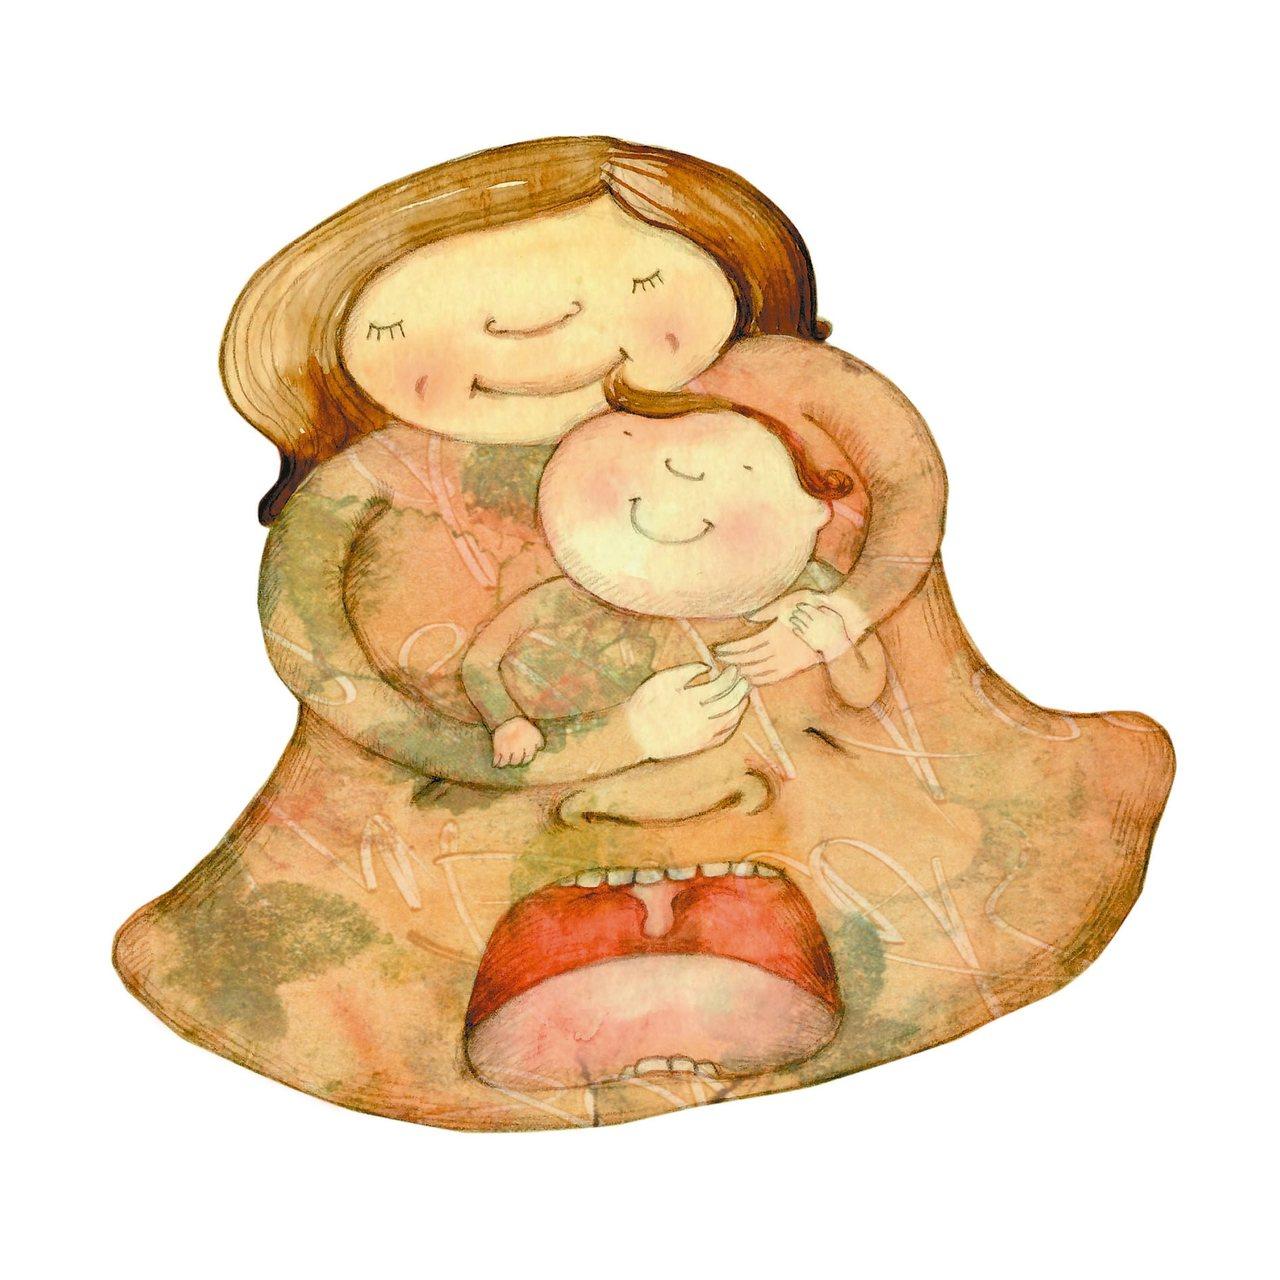 我是一個很喜歡小孩的瑜伽老師,也很幸運擁有一群熱愛瑜伽的小小粉絲。孩子們是天使也...